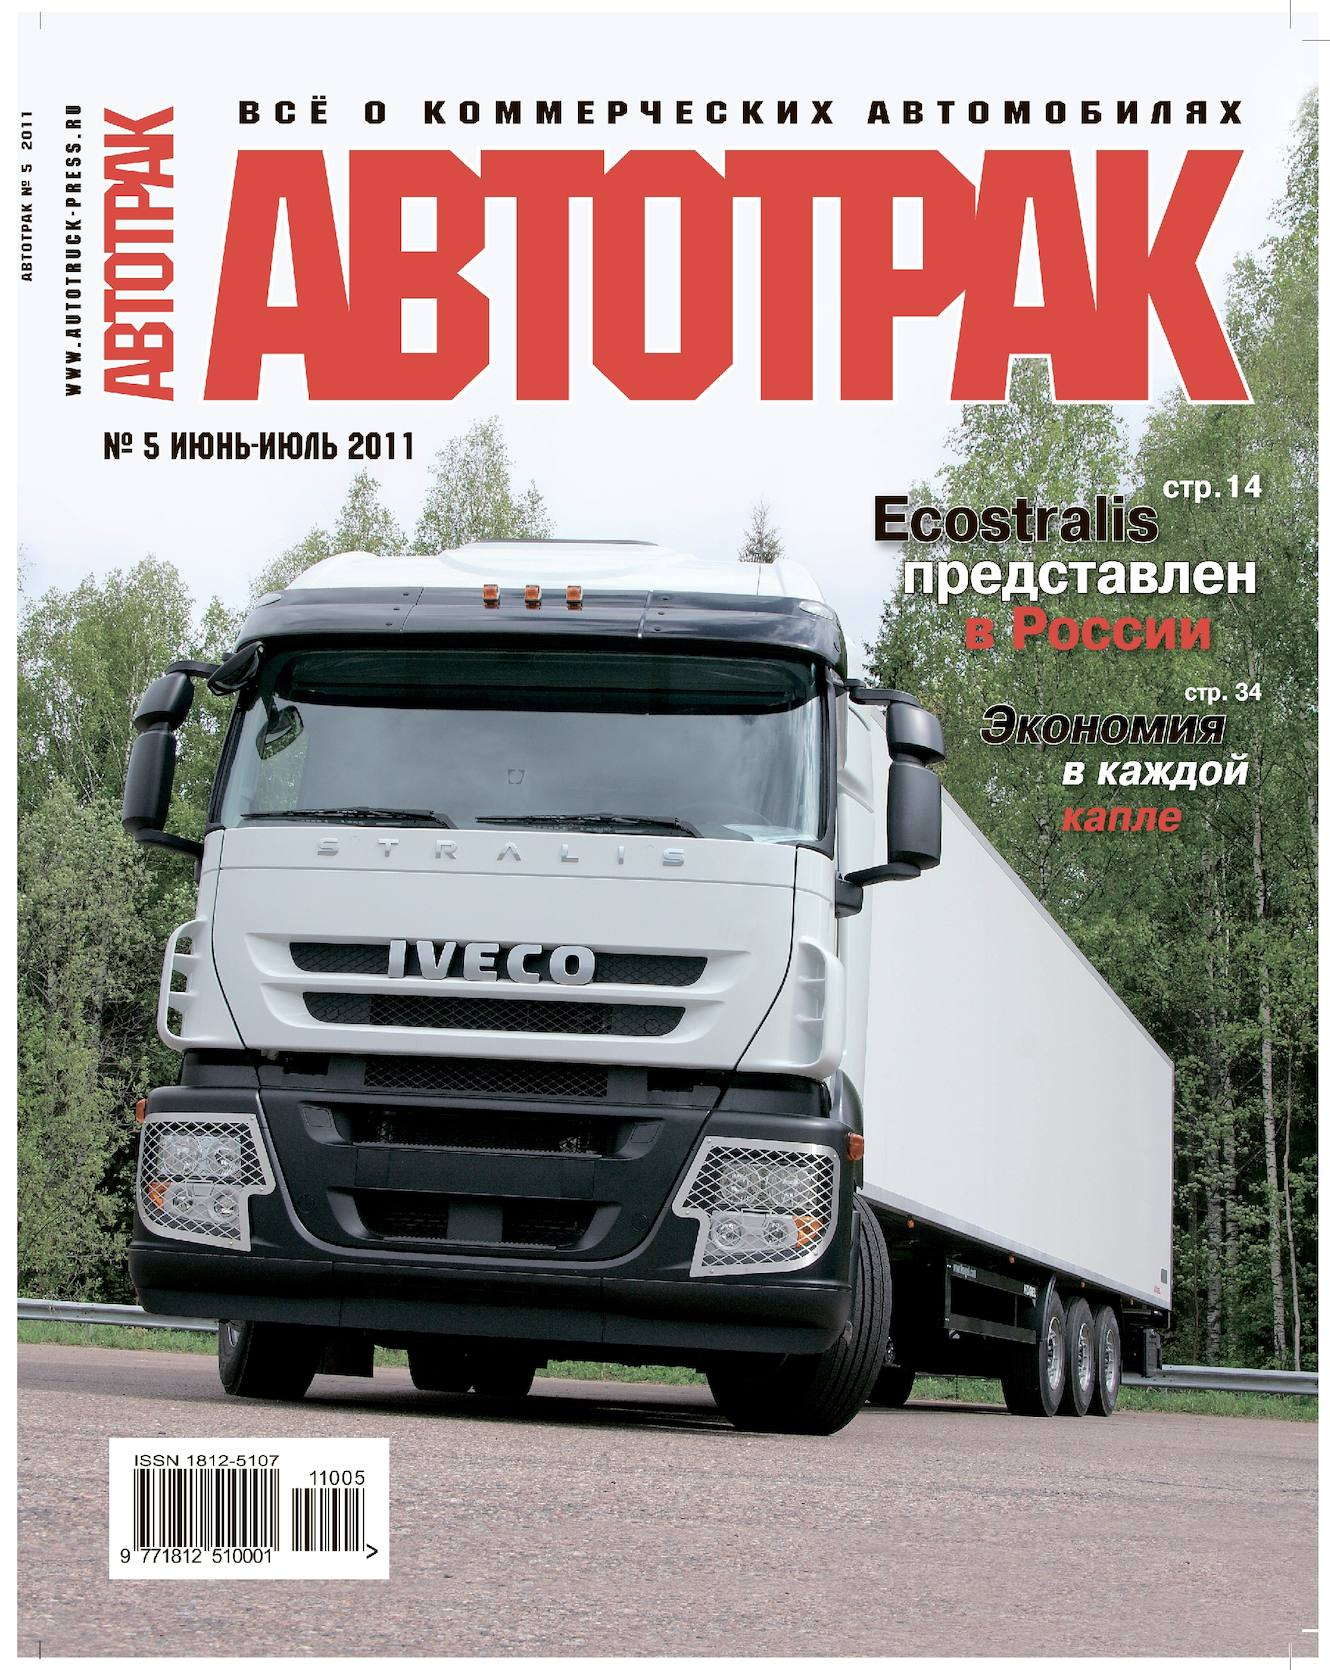 Calaméo - Журнал «АВТОТРАК» №5 2011 df94266c8e9